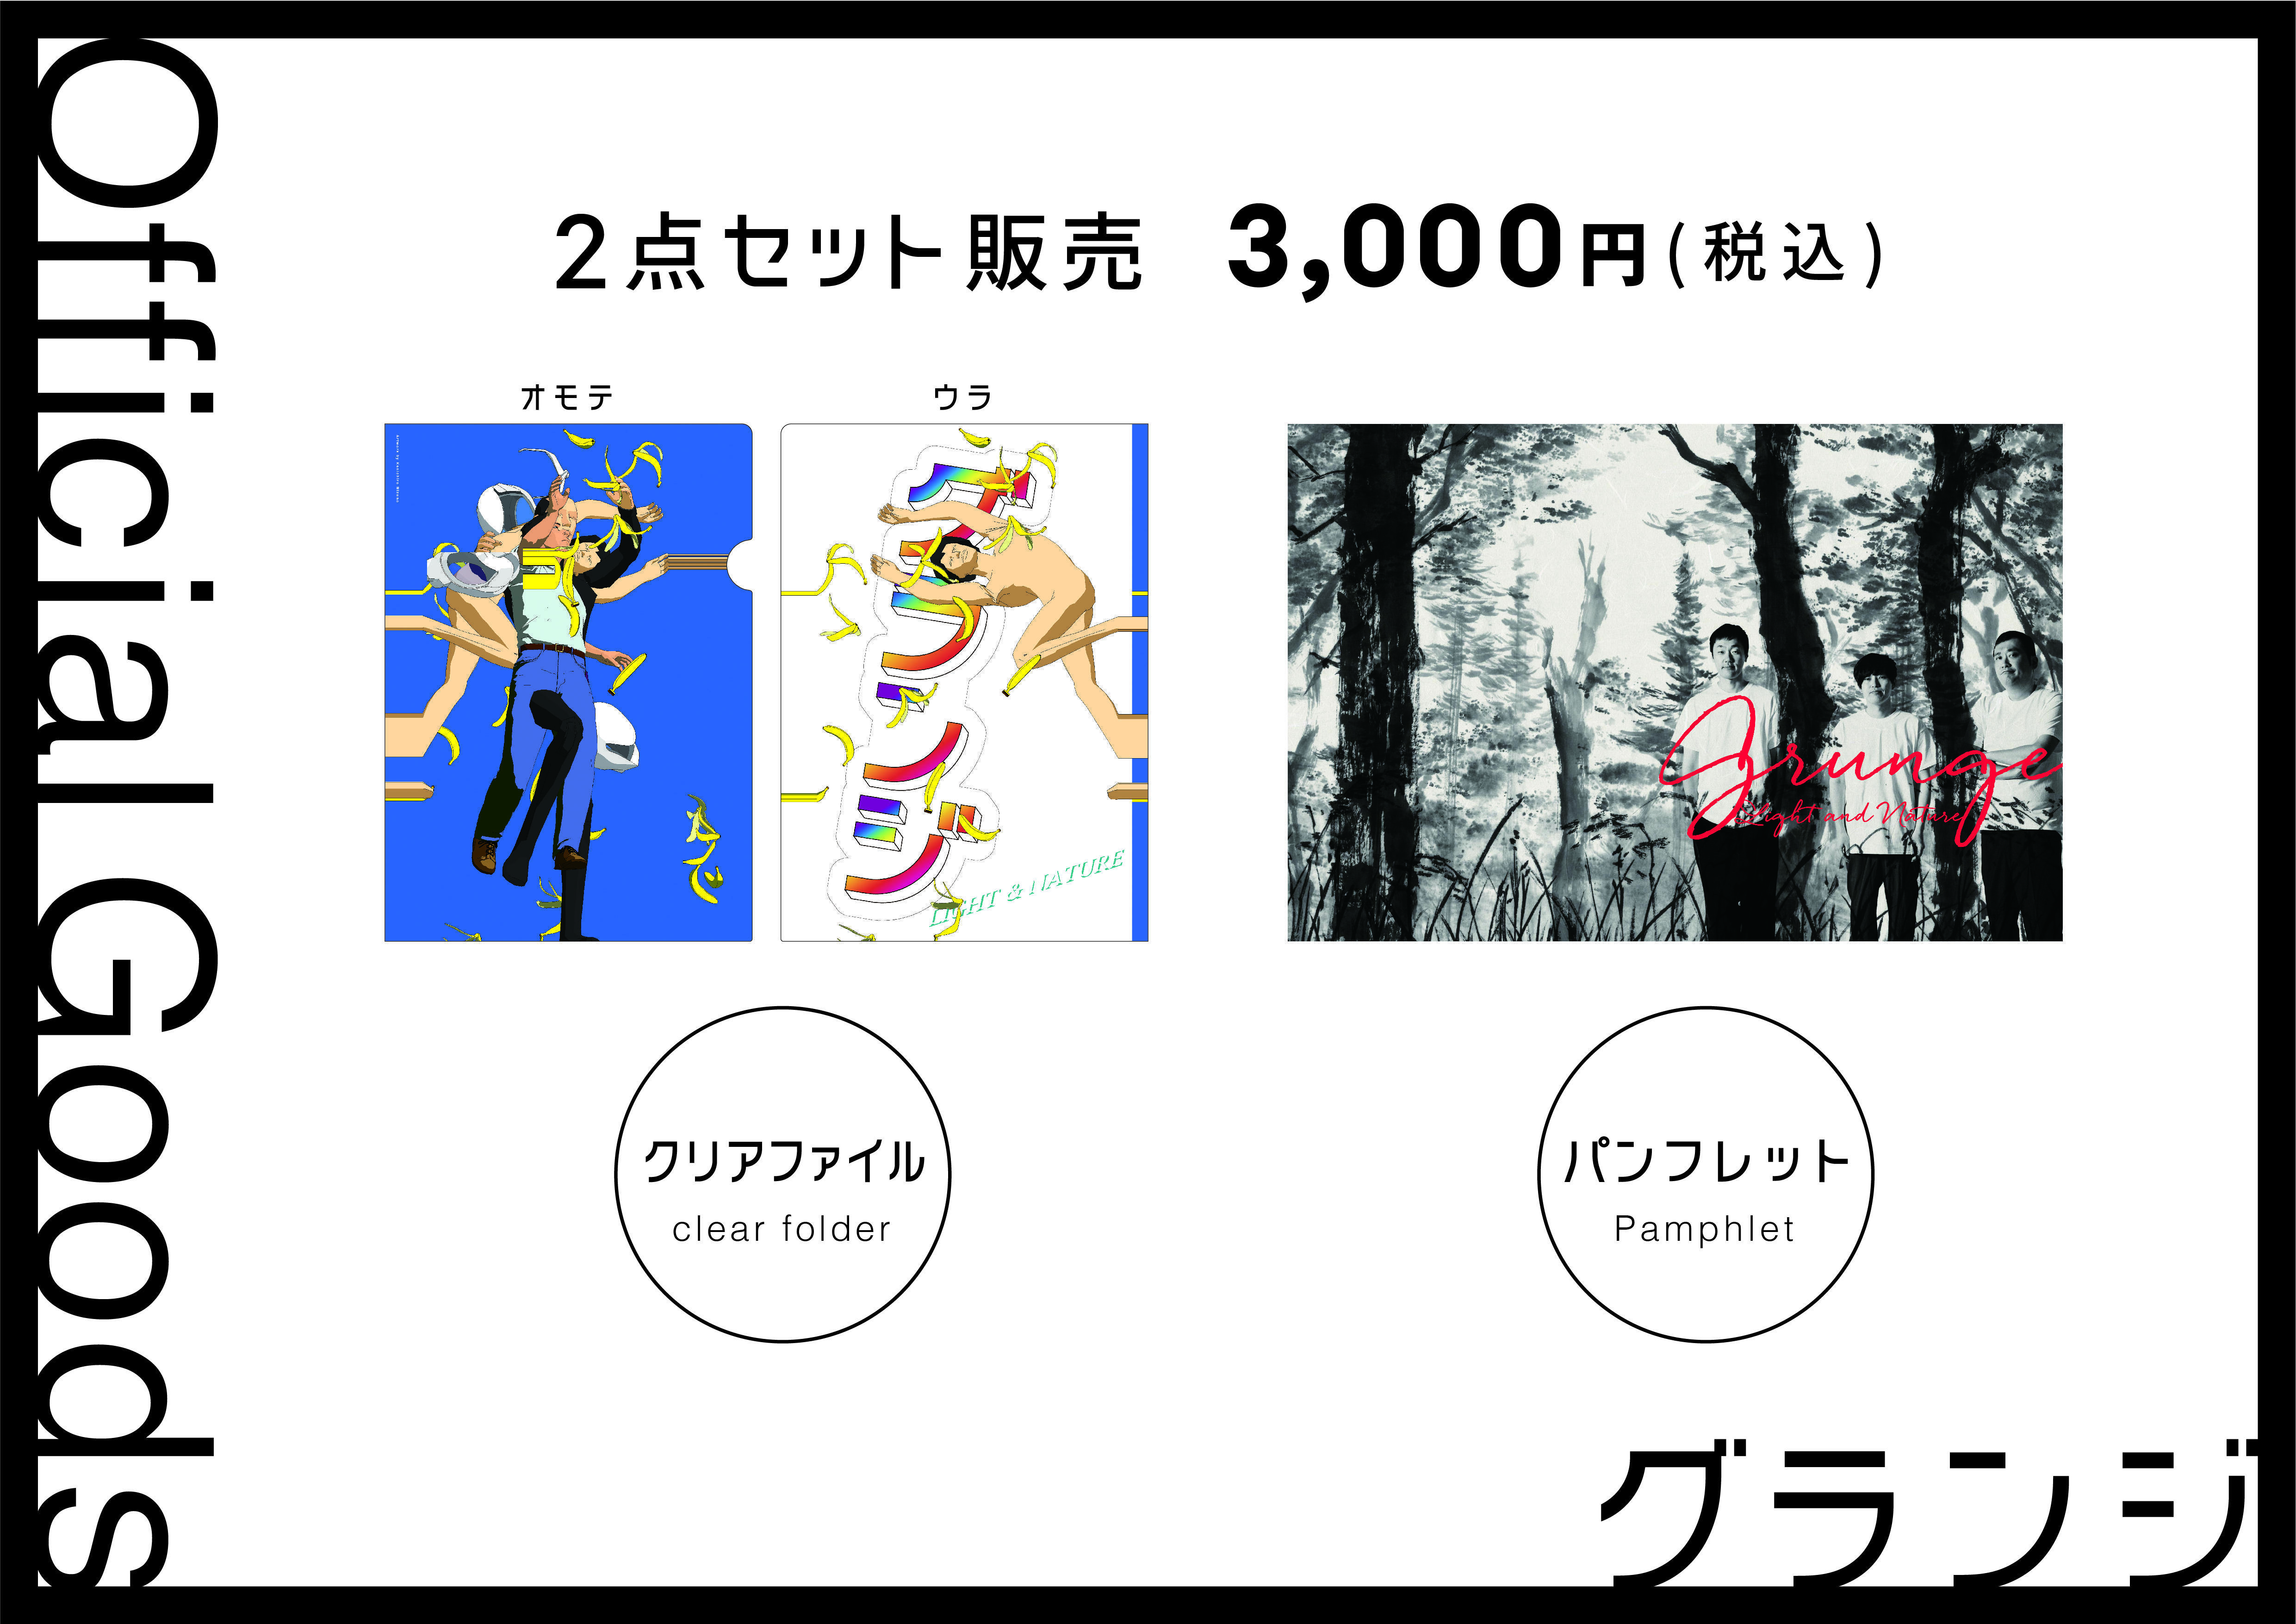 http://news.yoshimoto.co.jp/20181108120625-77e13c7a537d97af5883a7697d0e02d06d2df03f.jpg